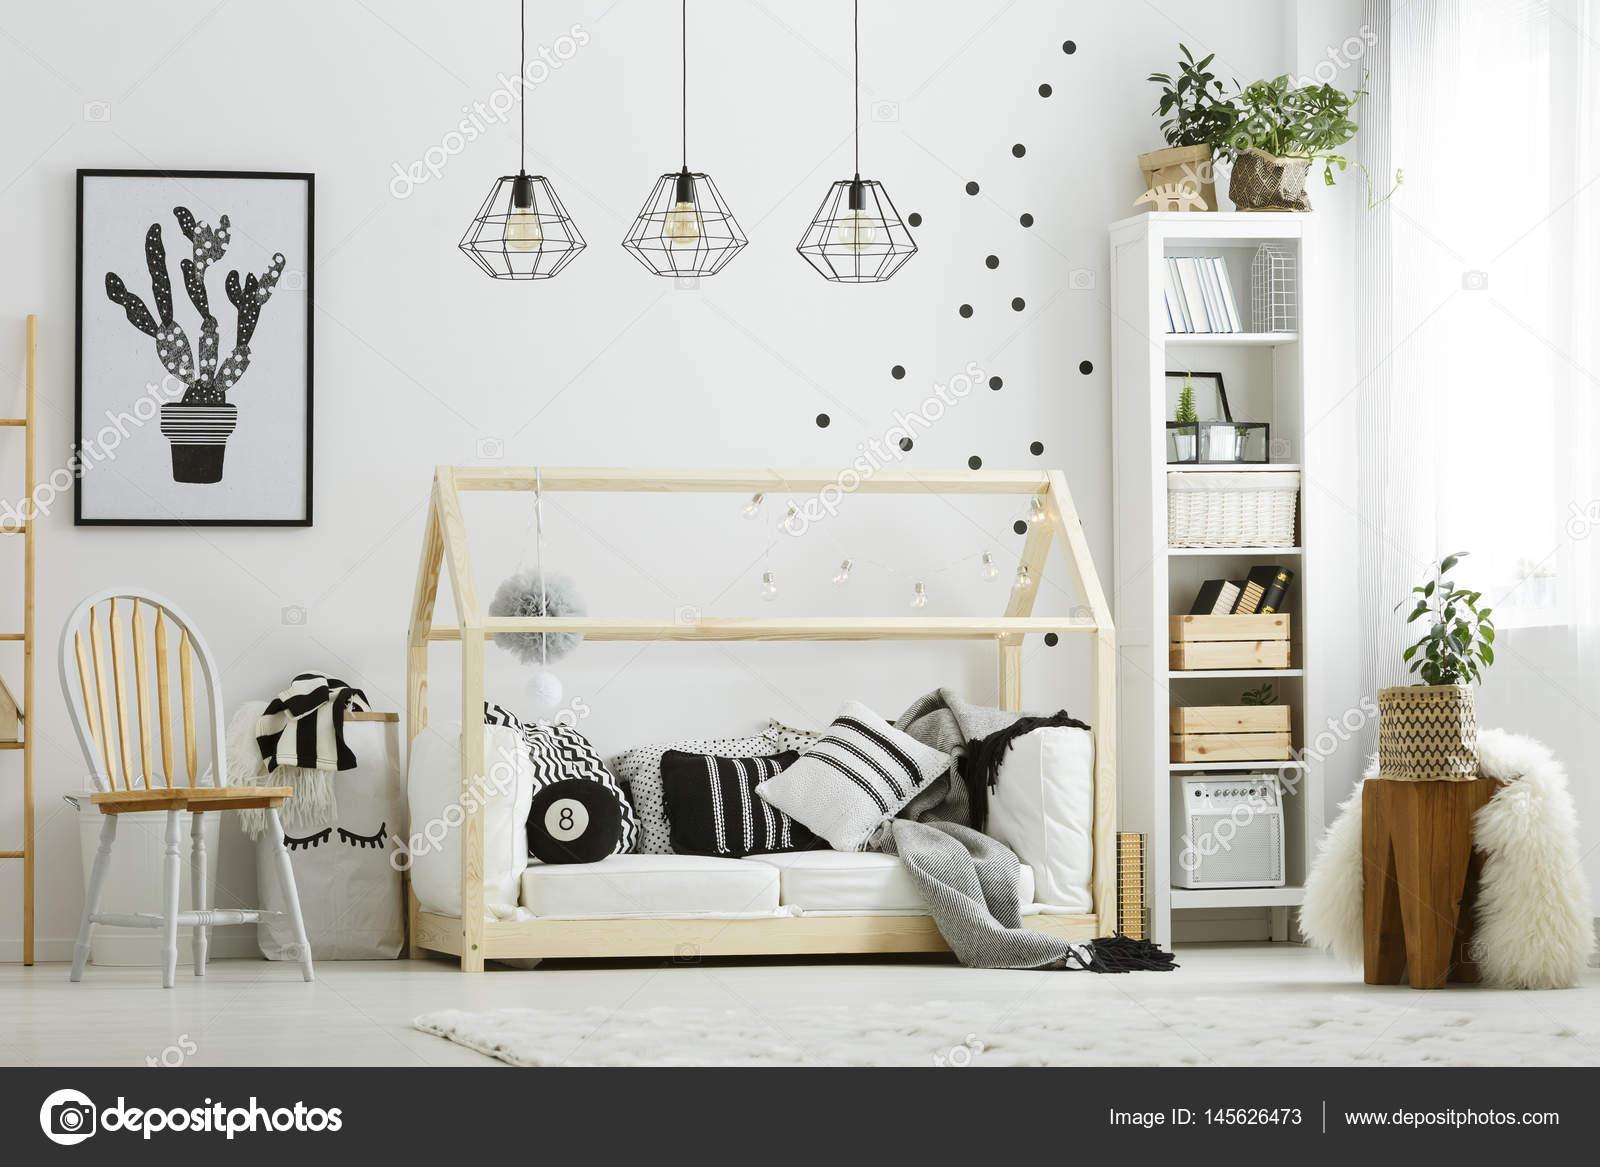 https://st3.depositphotos.com/2249091/14562/i/1600/depositphotos_145626473-stock-photo-baby-bedroom-in-scandinavian-style.jpg